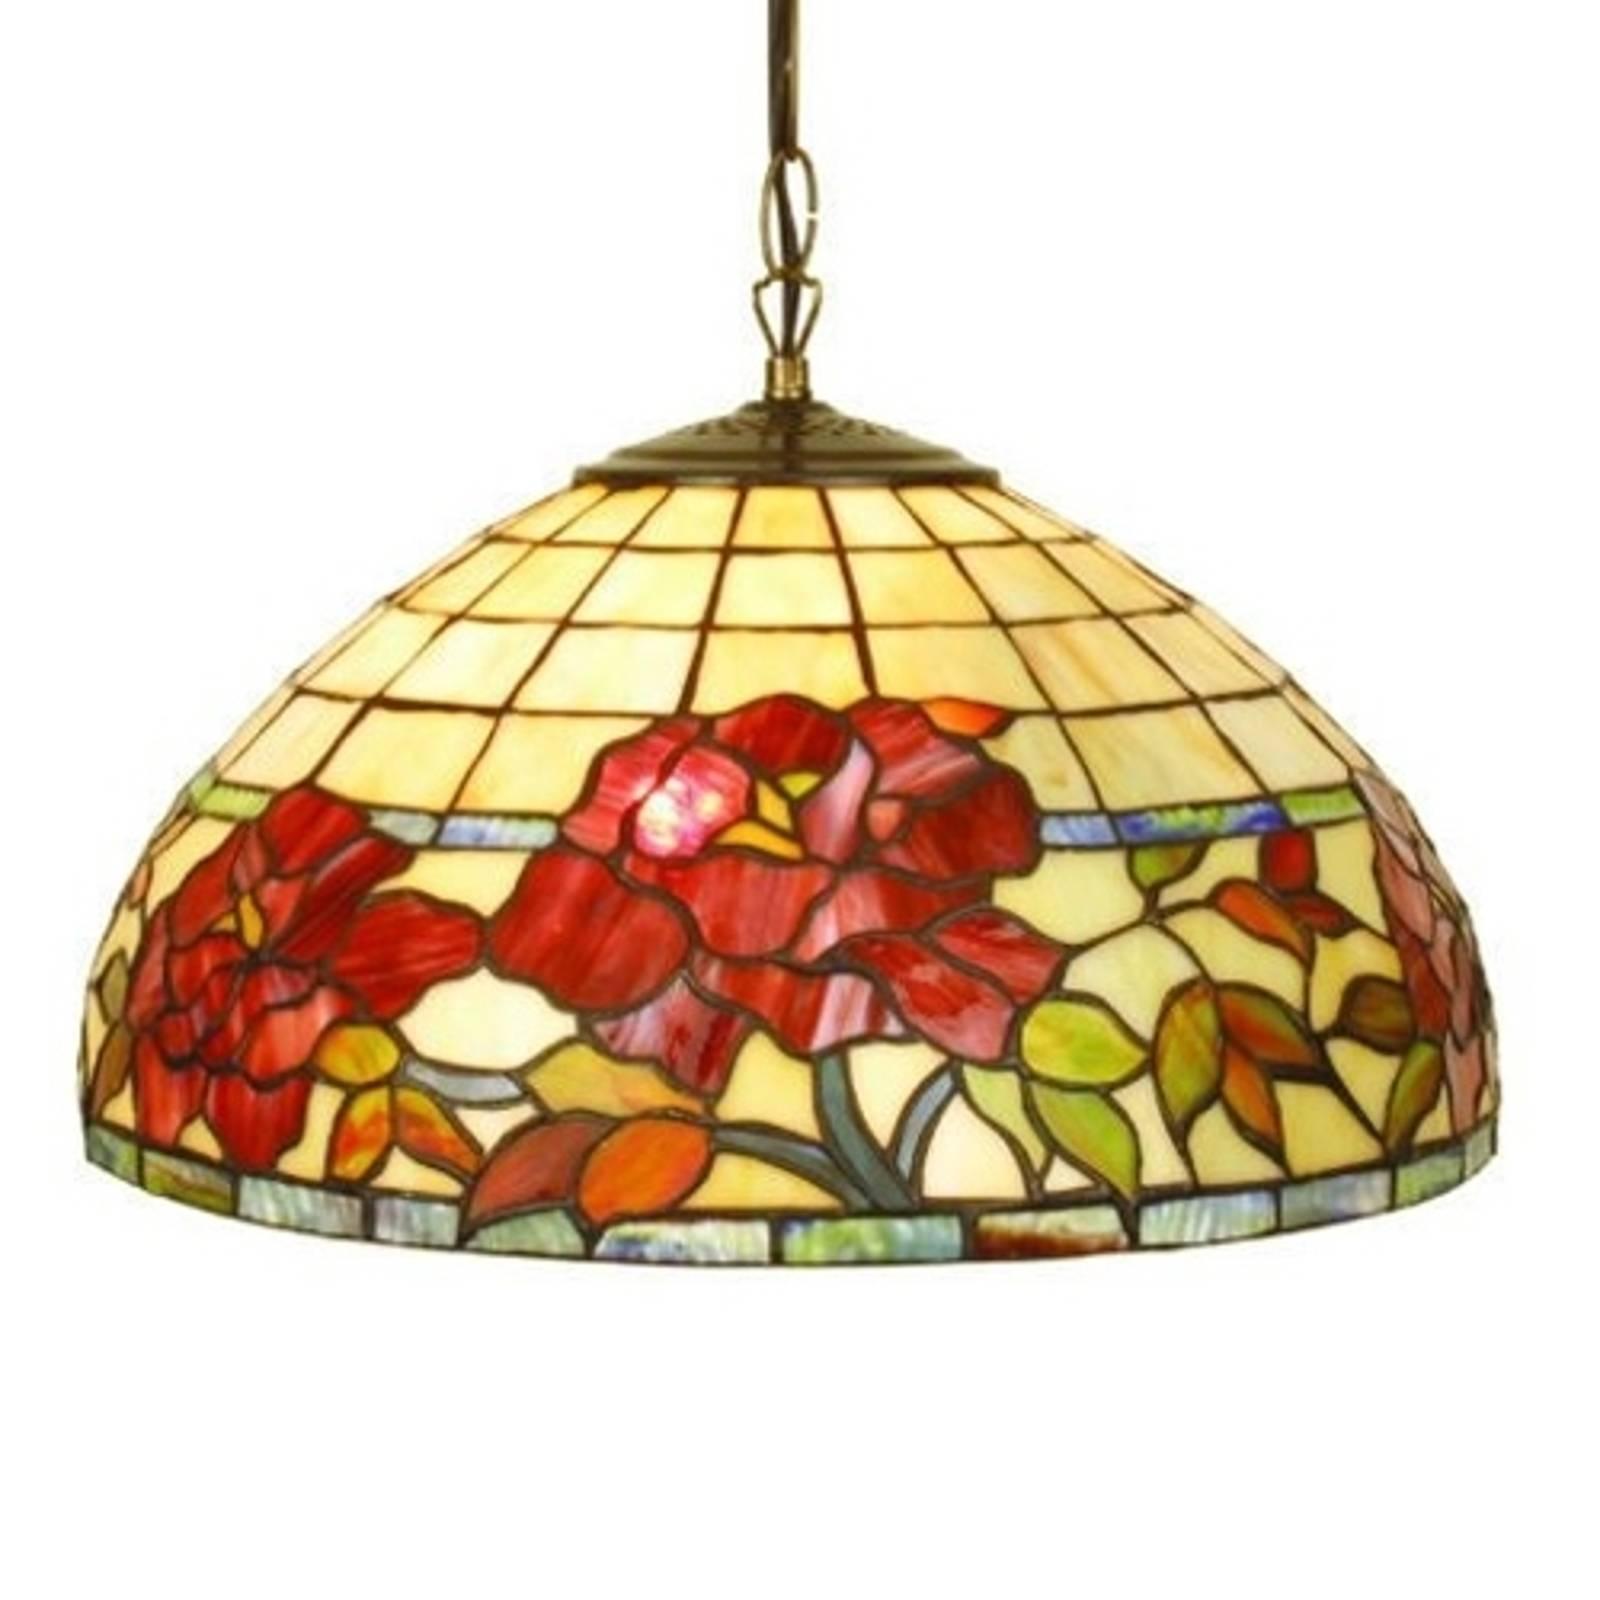 ESMEE kunstzinnige hanglamp 2-lichts